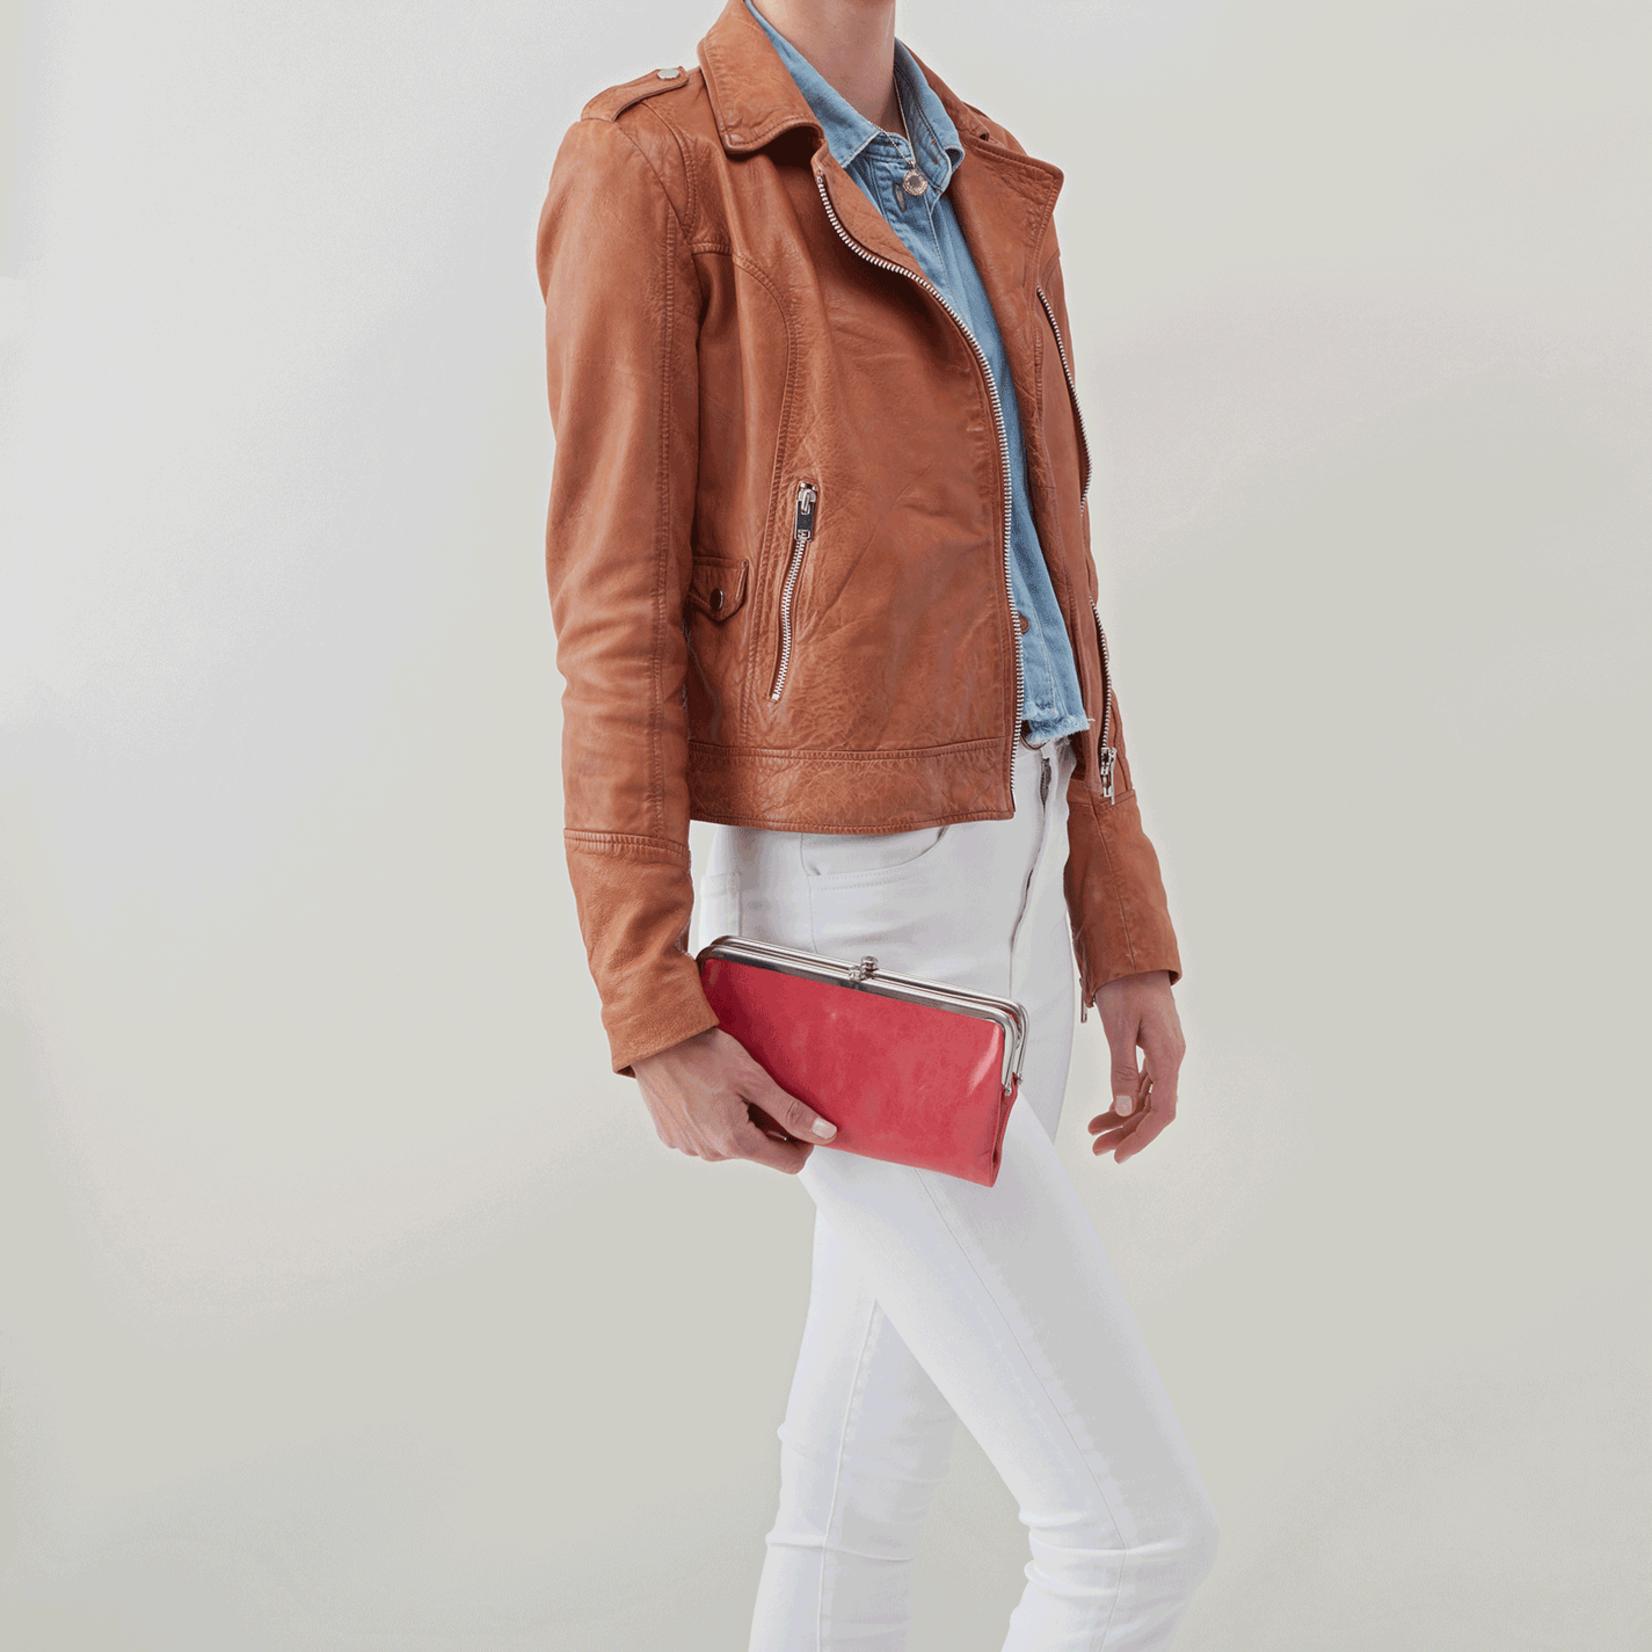 HOBO Lauren Blossom Vintage Hide Leather Wallet/Clutch